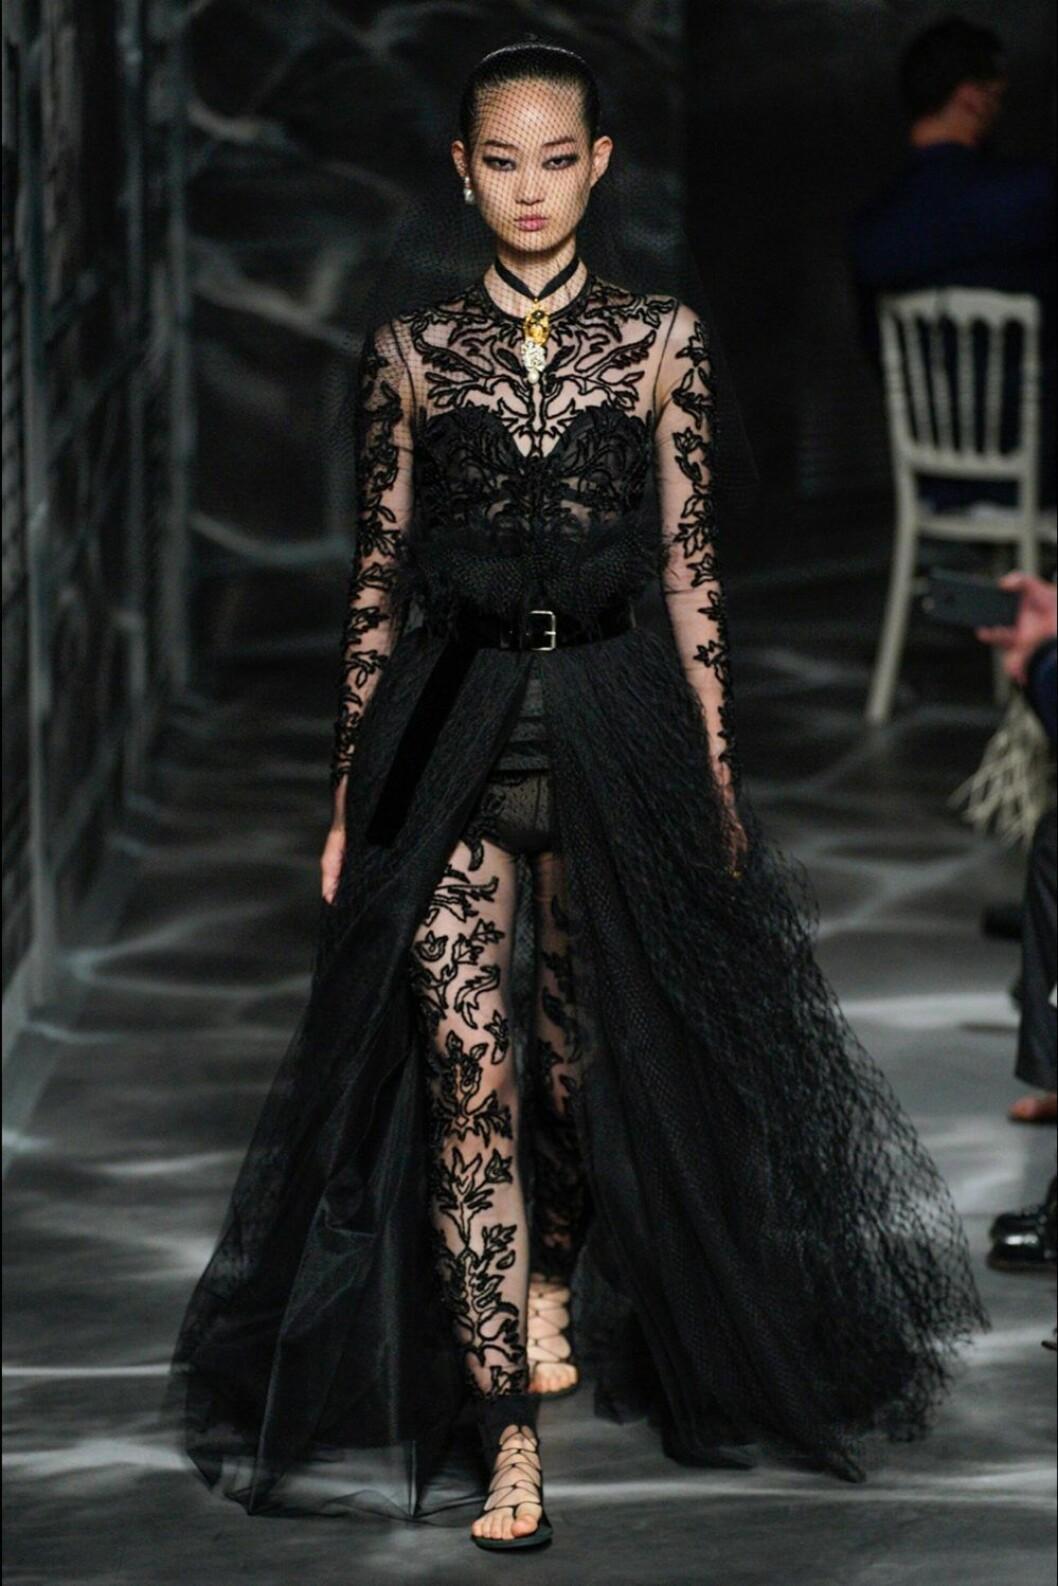 Christian Dior AW19/20 helsvart look med spetsdetaljer.